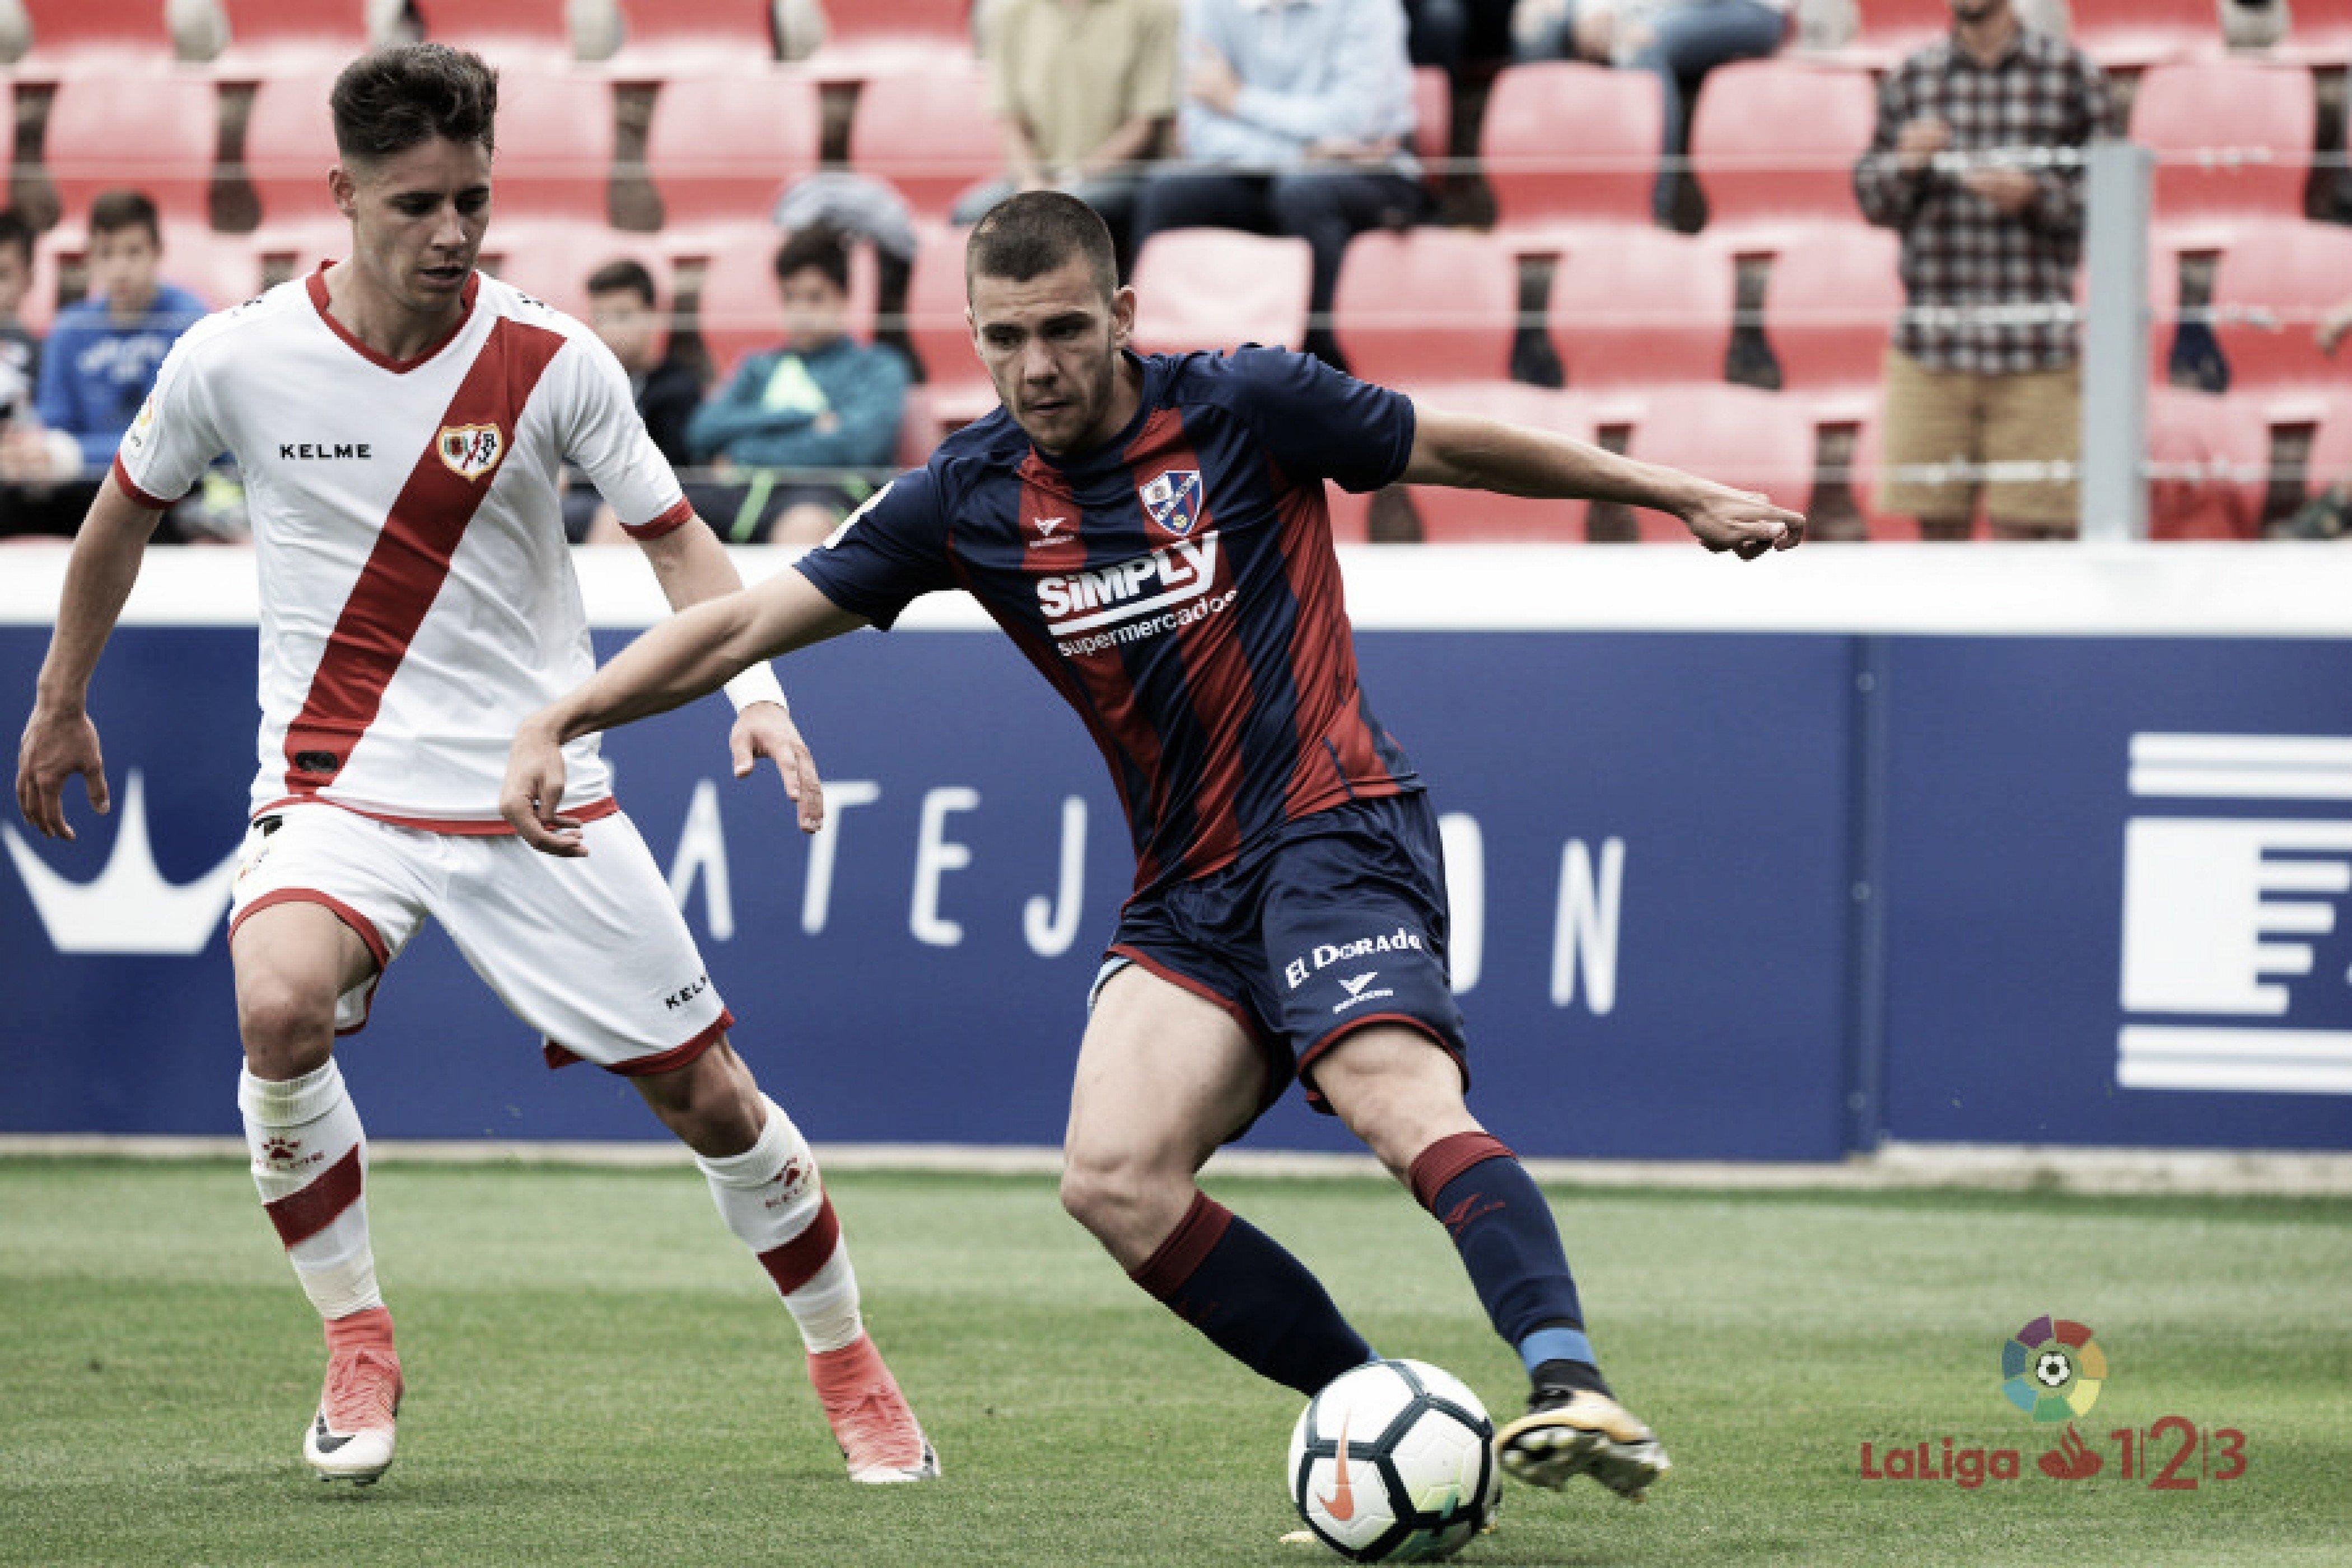 Previa SD Huesca - Rayo Vallecano: inauguración con espectáculo